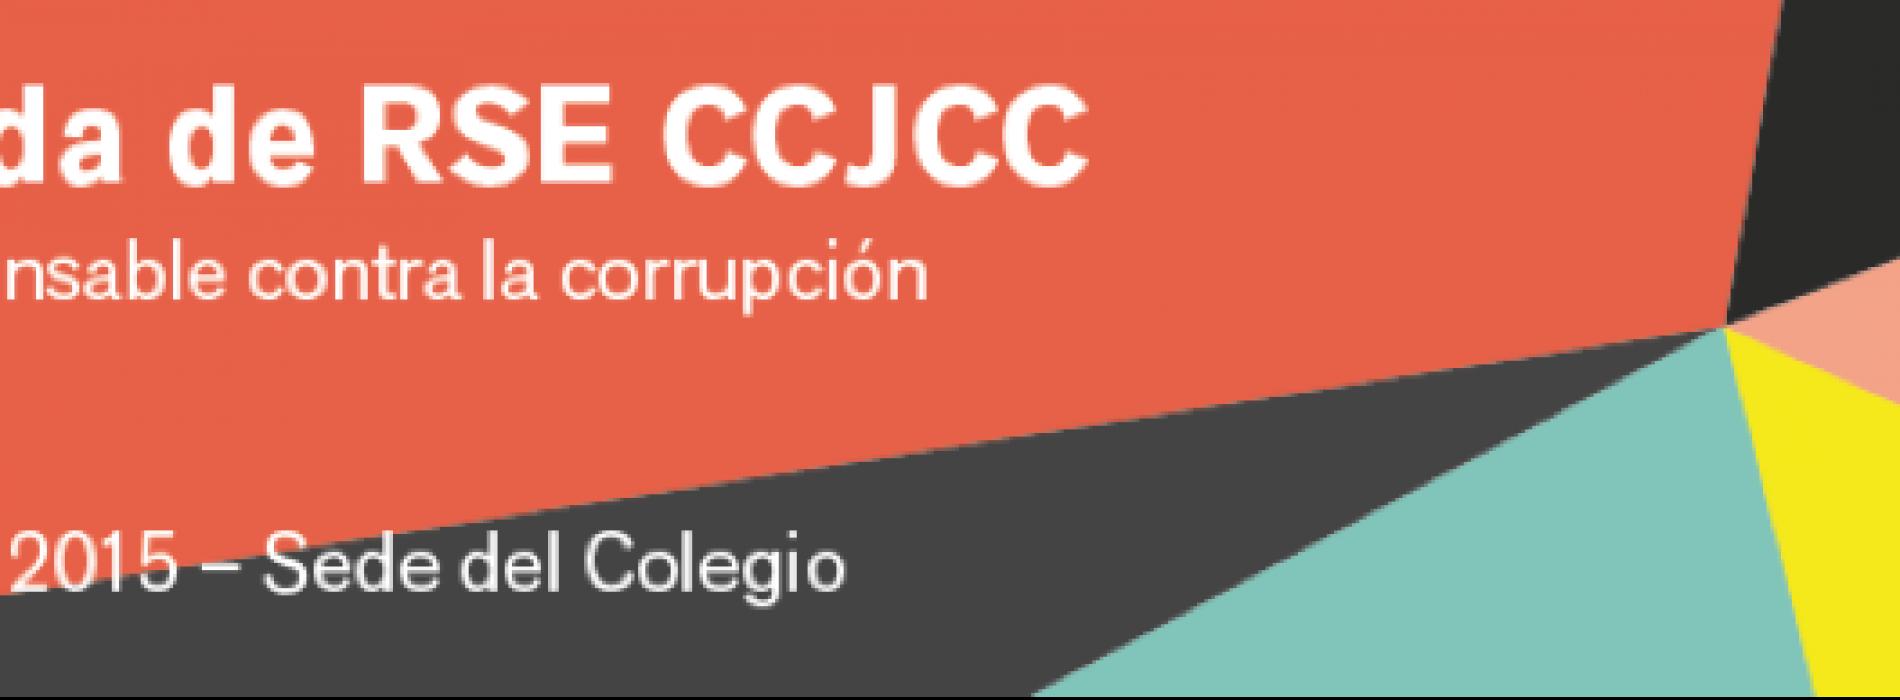 Jornada sobre liderazgo responsable contra la corrupción